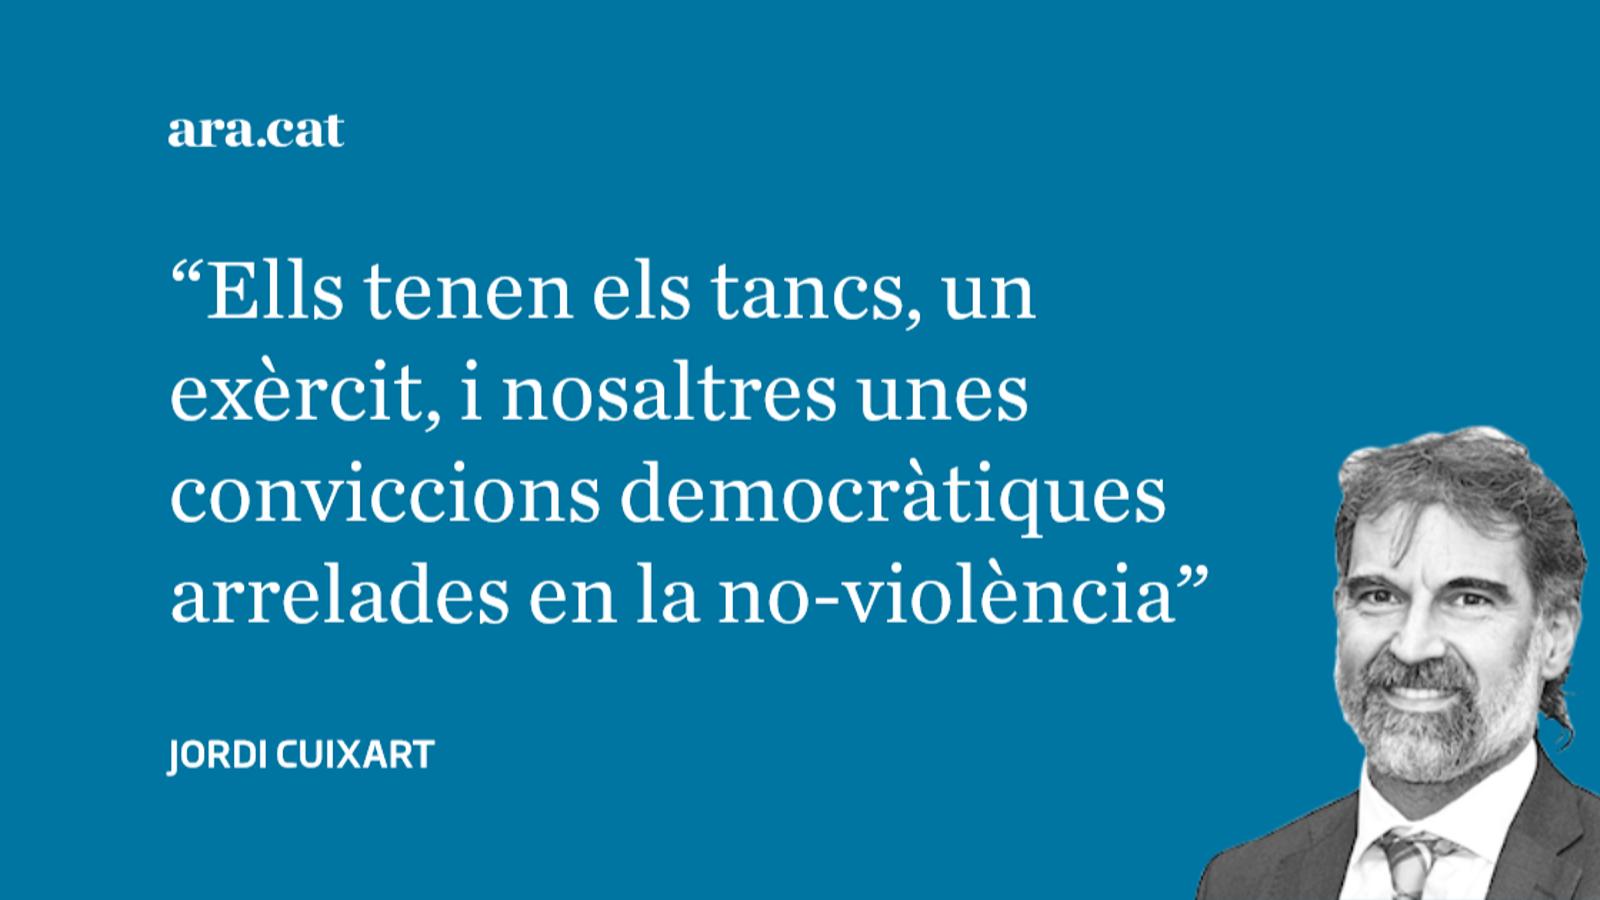 Carta a David Fernàndez: 'Coratge i sort' (Jordi Cuixart)